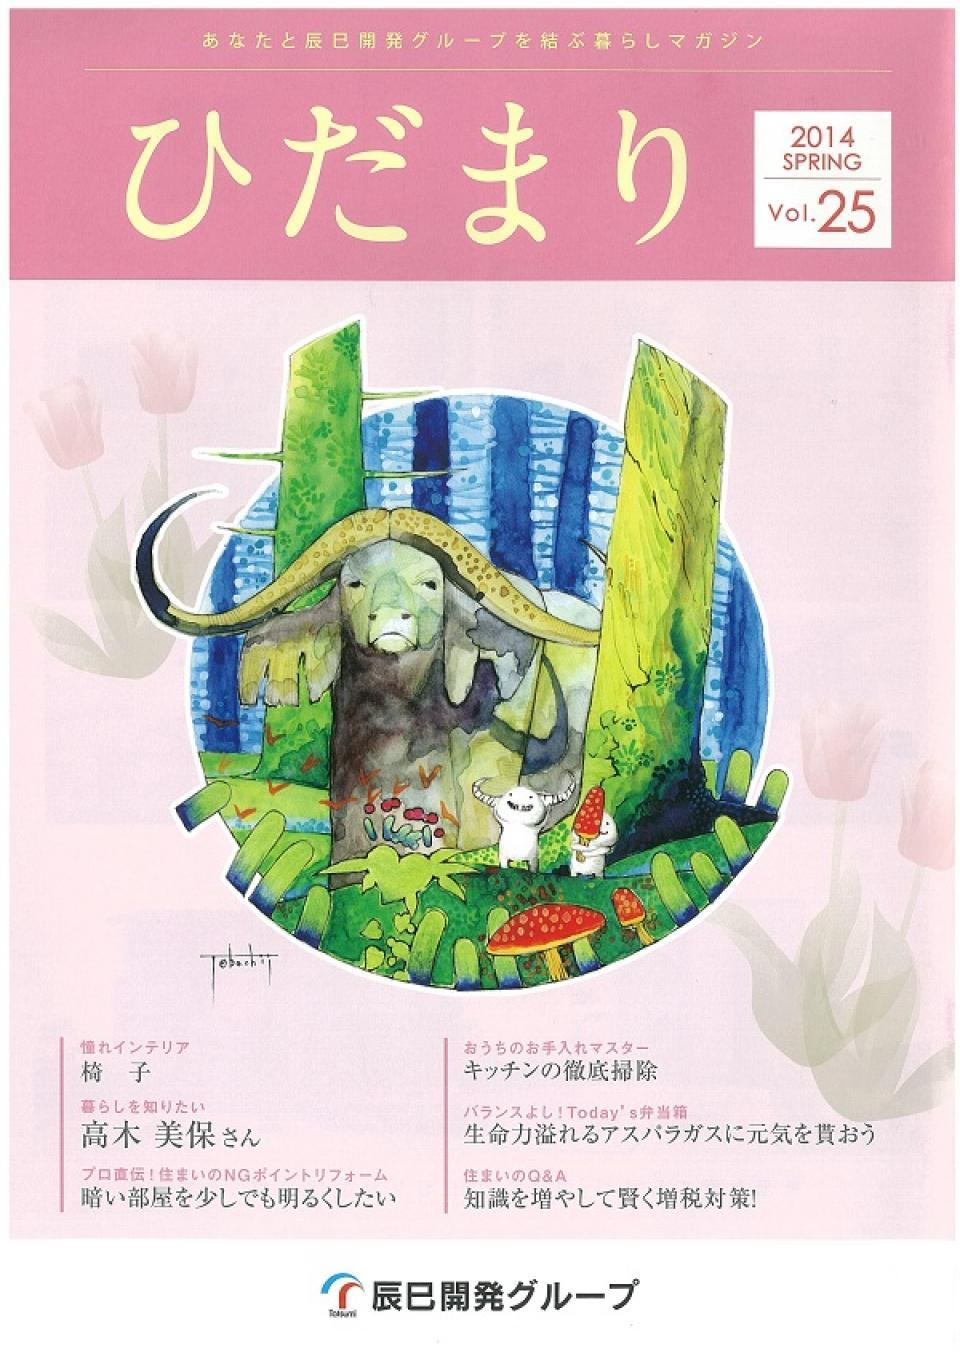 ひだまり 2014 Spring vol.25